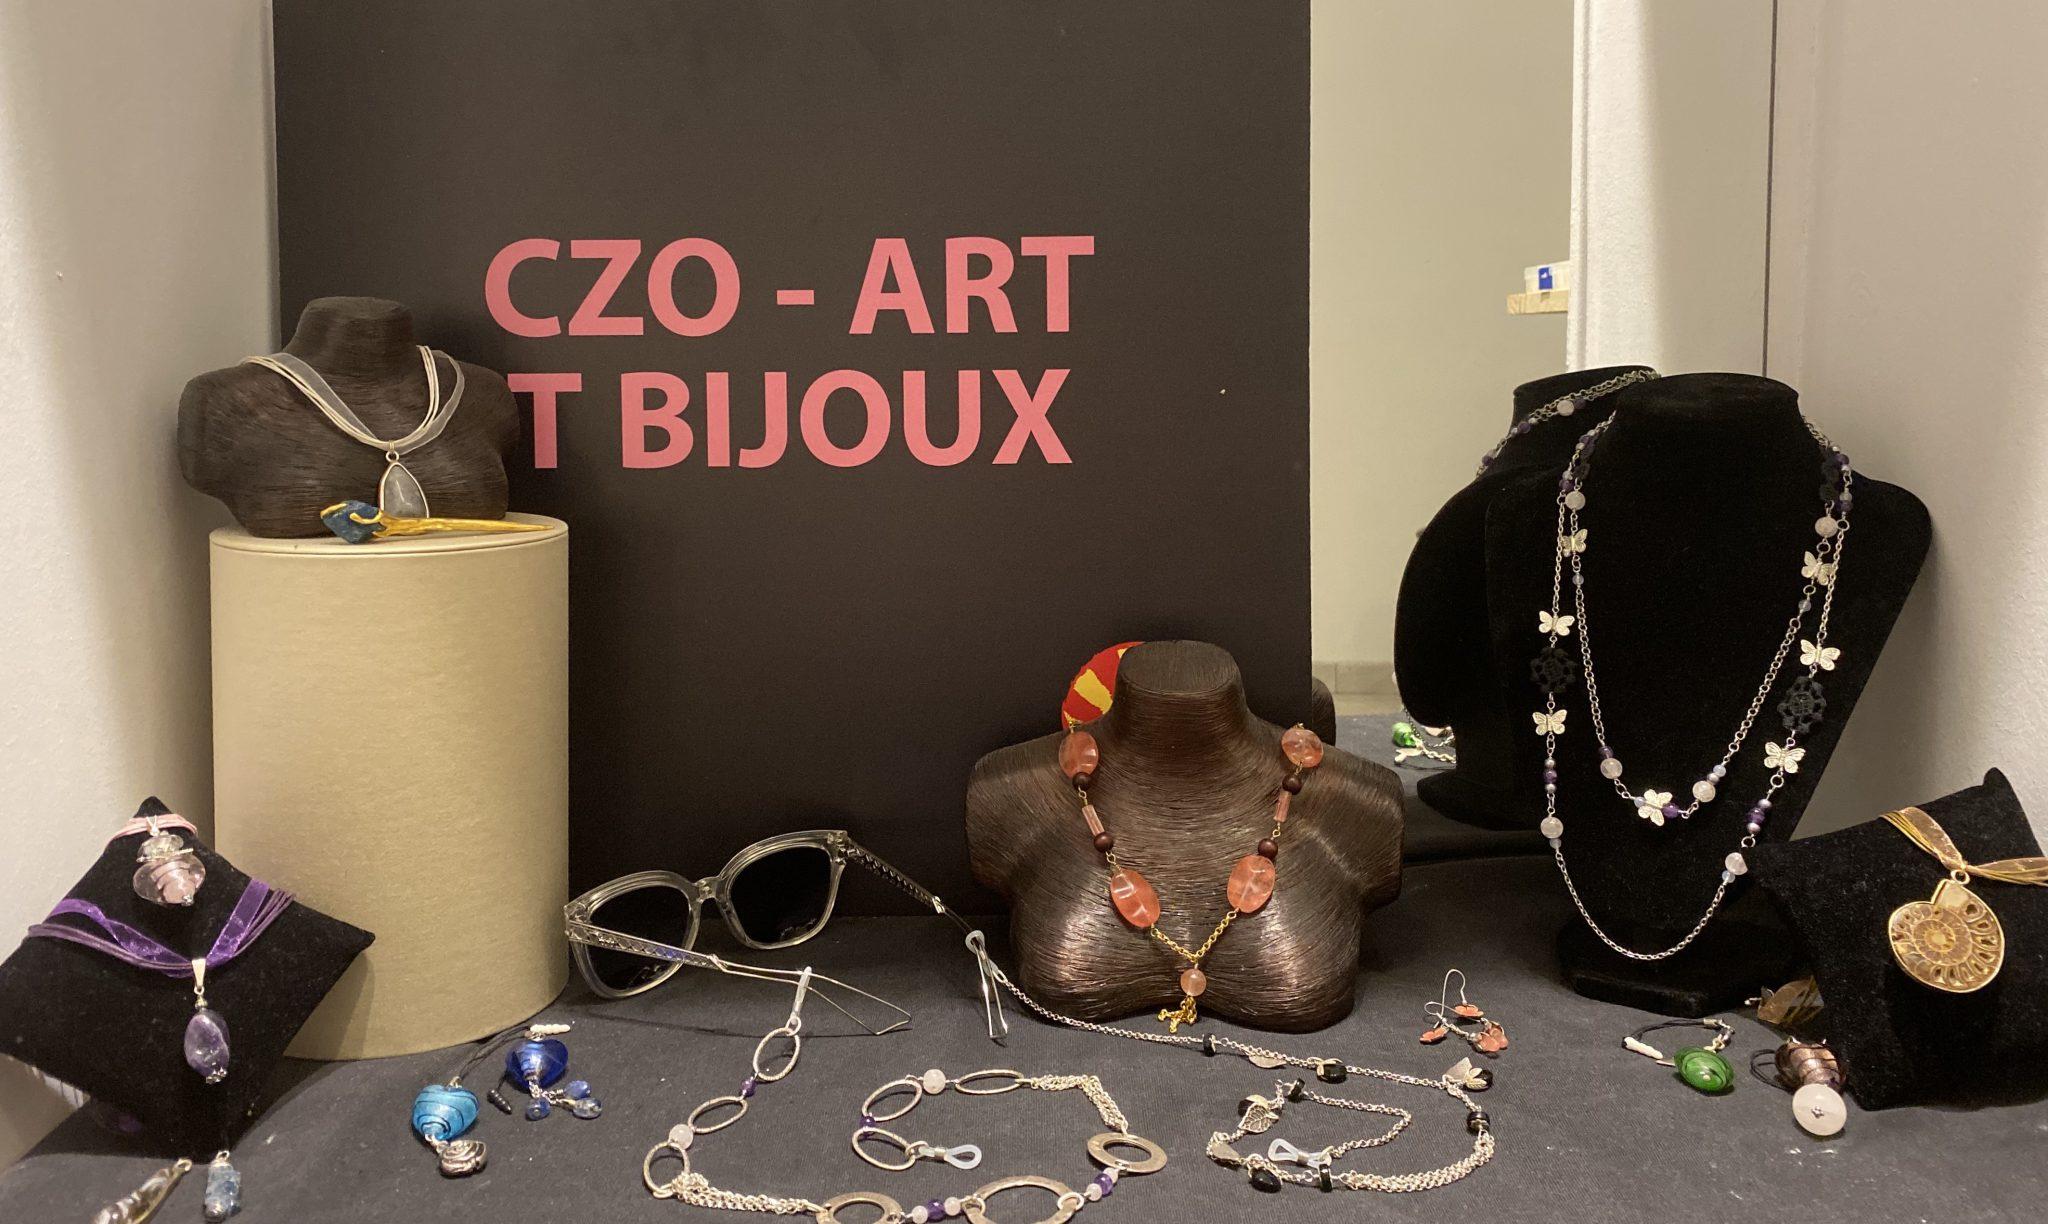 Bijoux - CZO